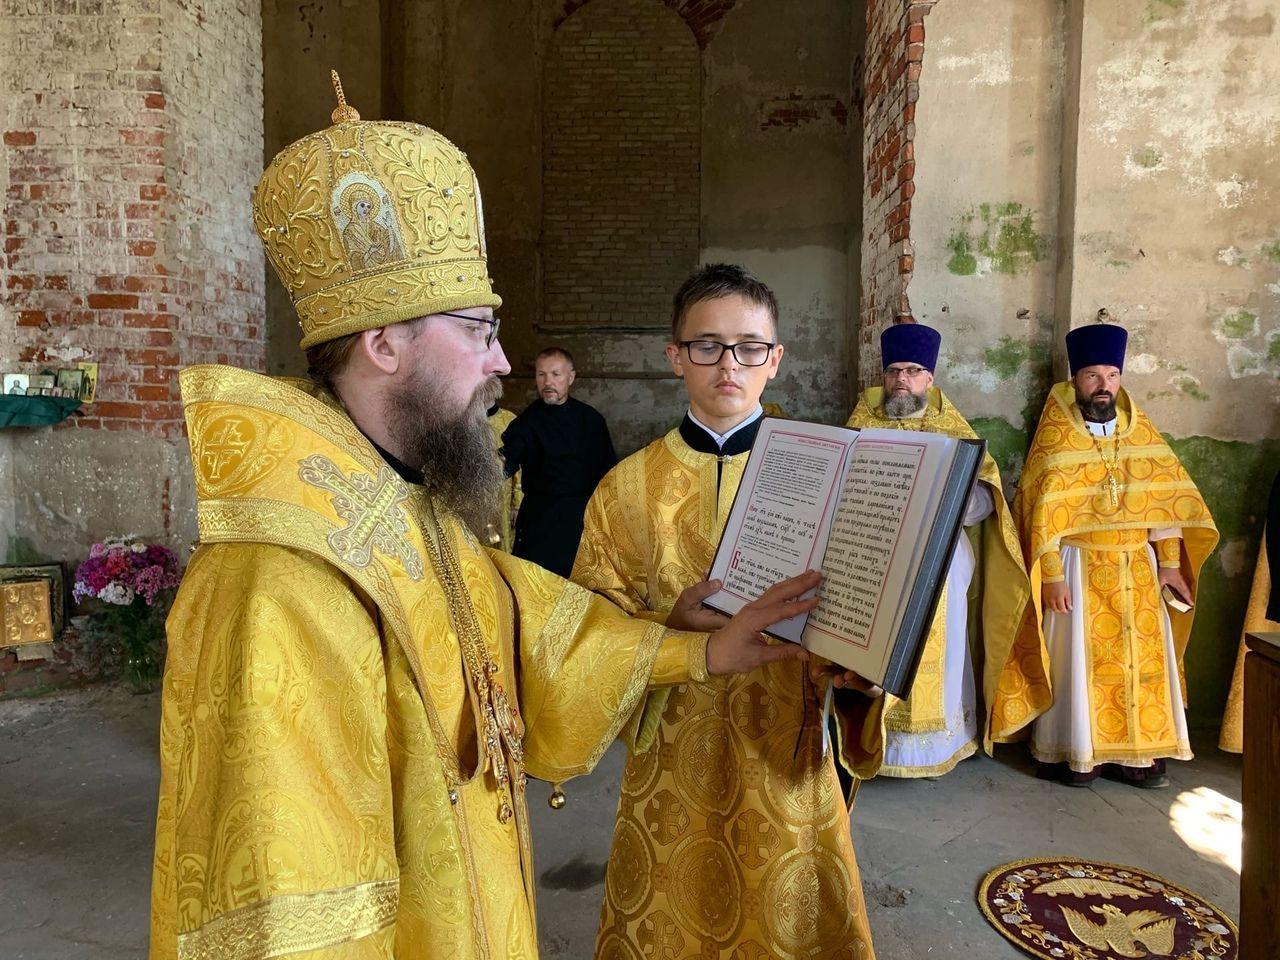 Управляющий Череповецкой епархией епископ Игнатий возглавил богослужение в бывшем Парфеновском Богородицком монастыре